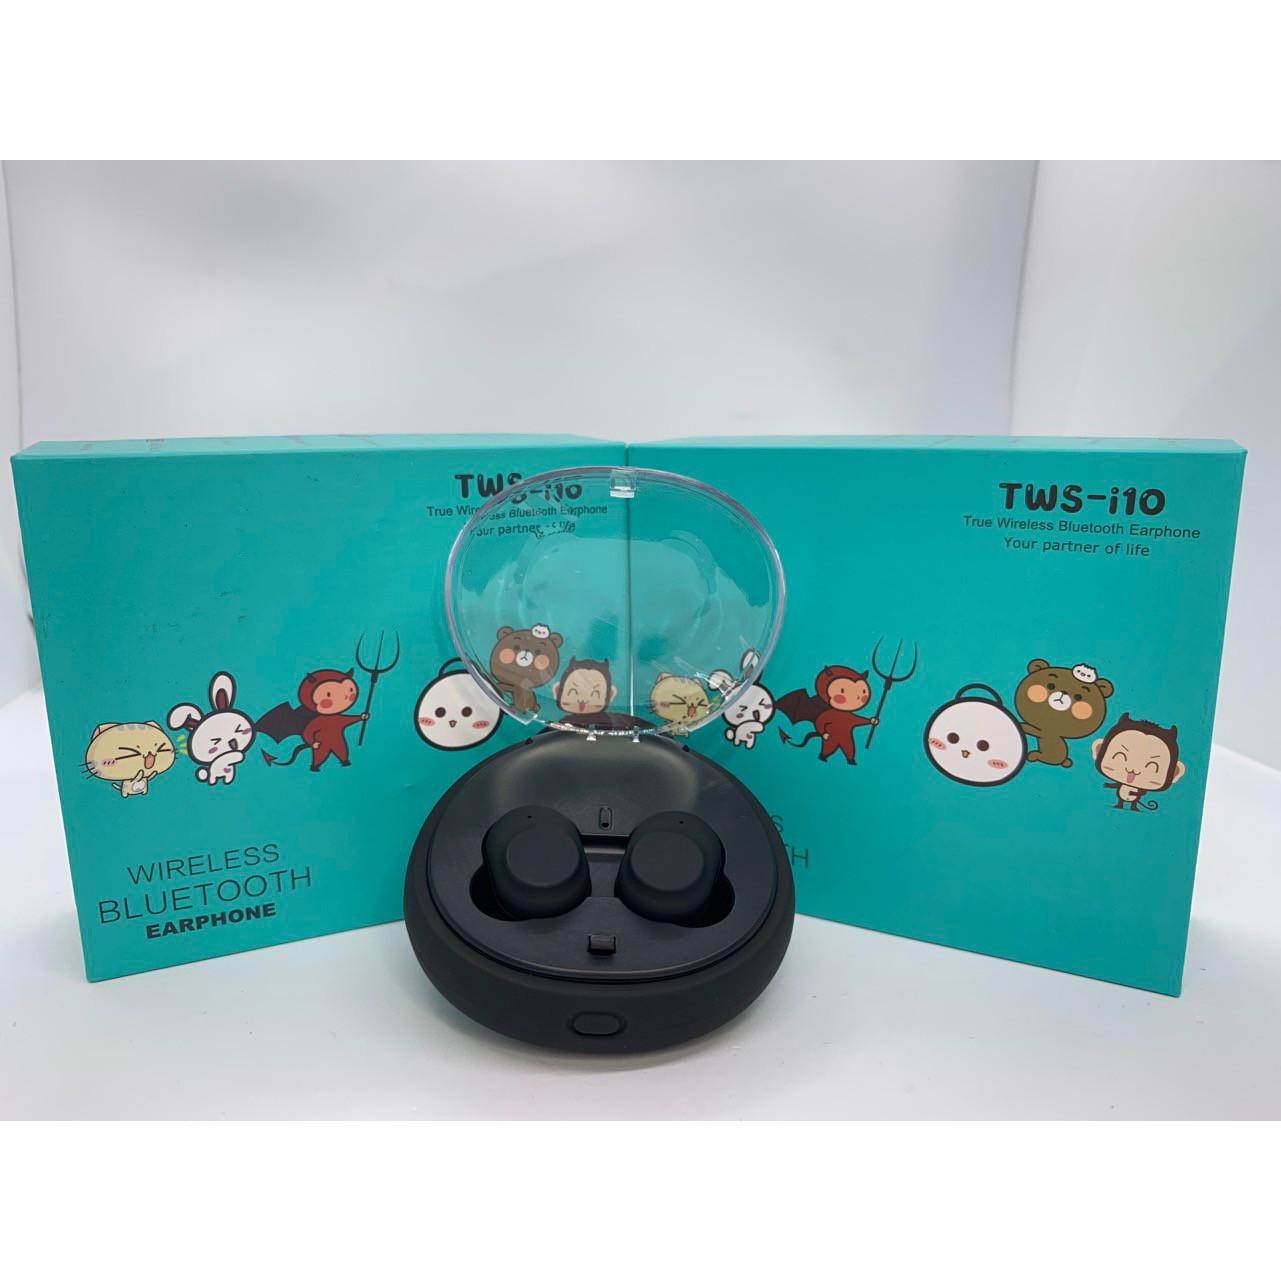 Tai Nghe Không Dây Bluetooth TWS-10 Tiện Lợi Cao Cấp, Tai Nghe Bluetooth Nhét Tai Đa Chức Năng, Chống Ồn, Chống nước hiệu quả.